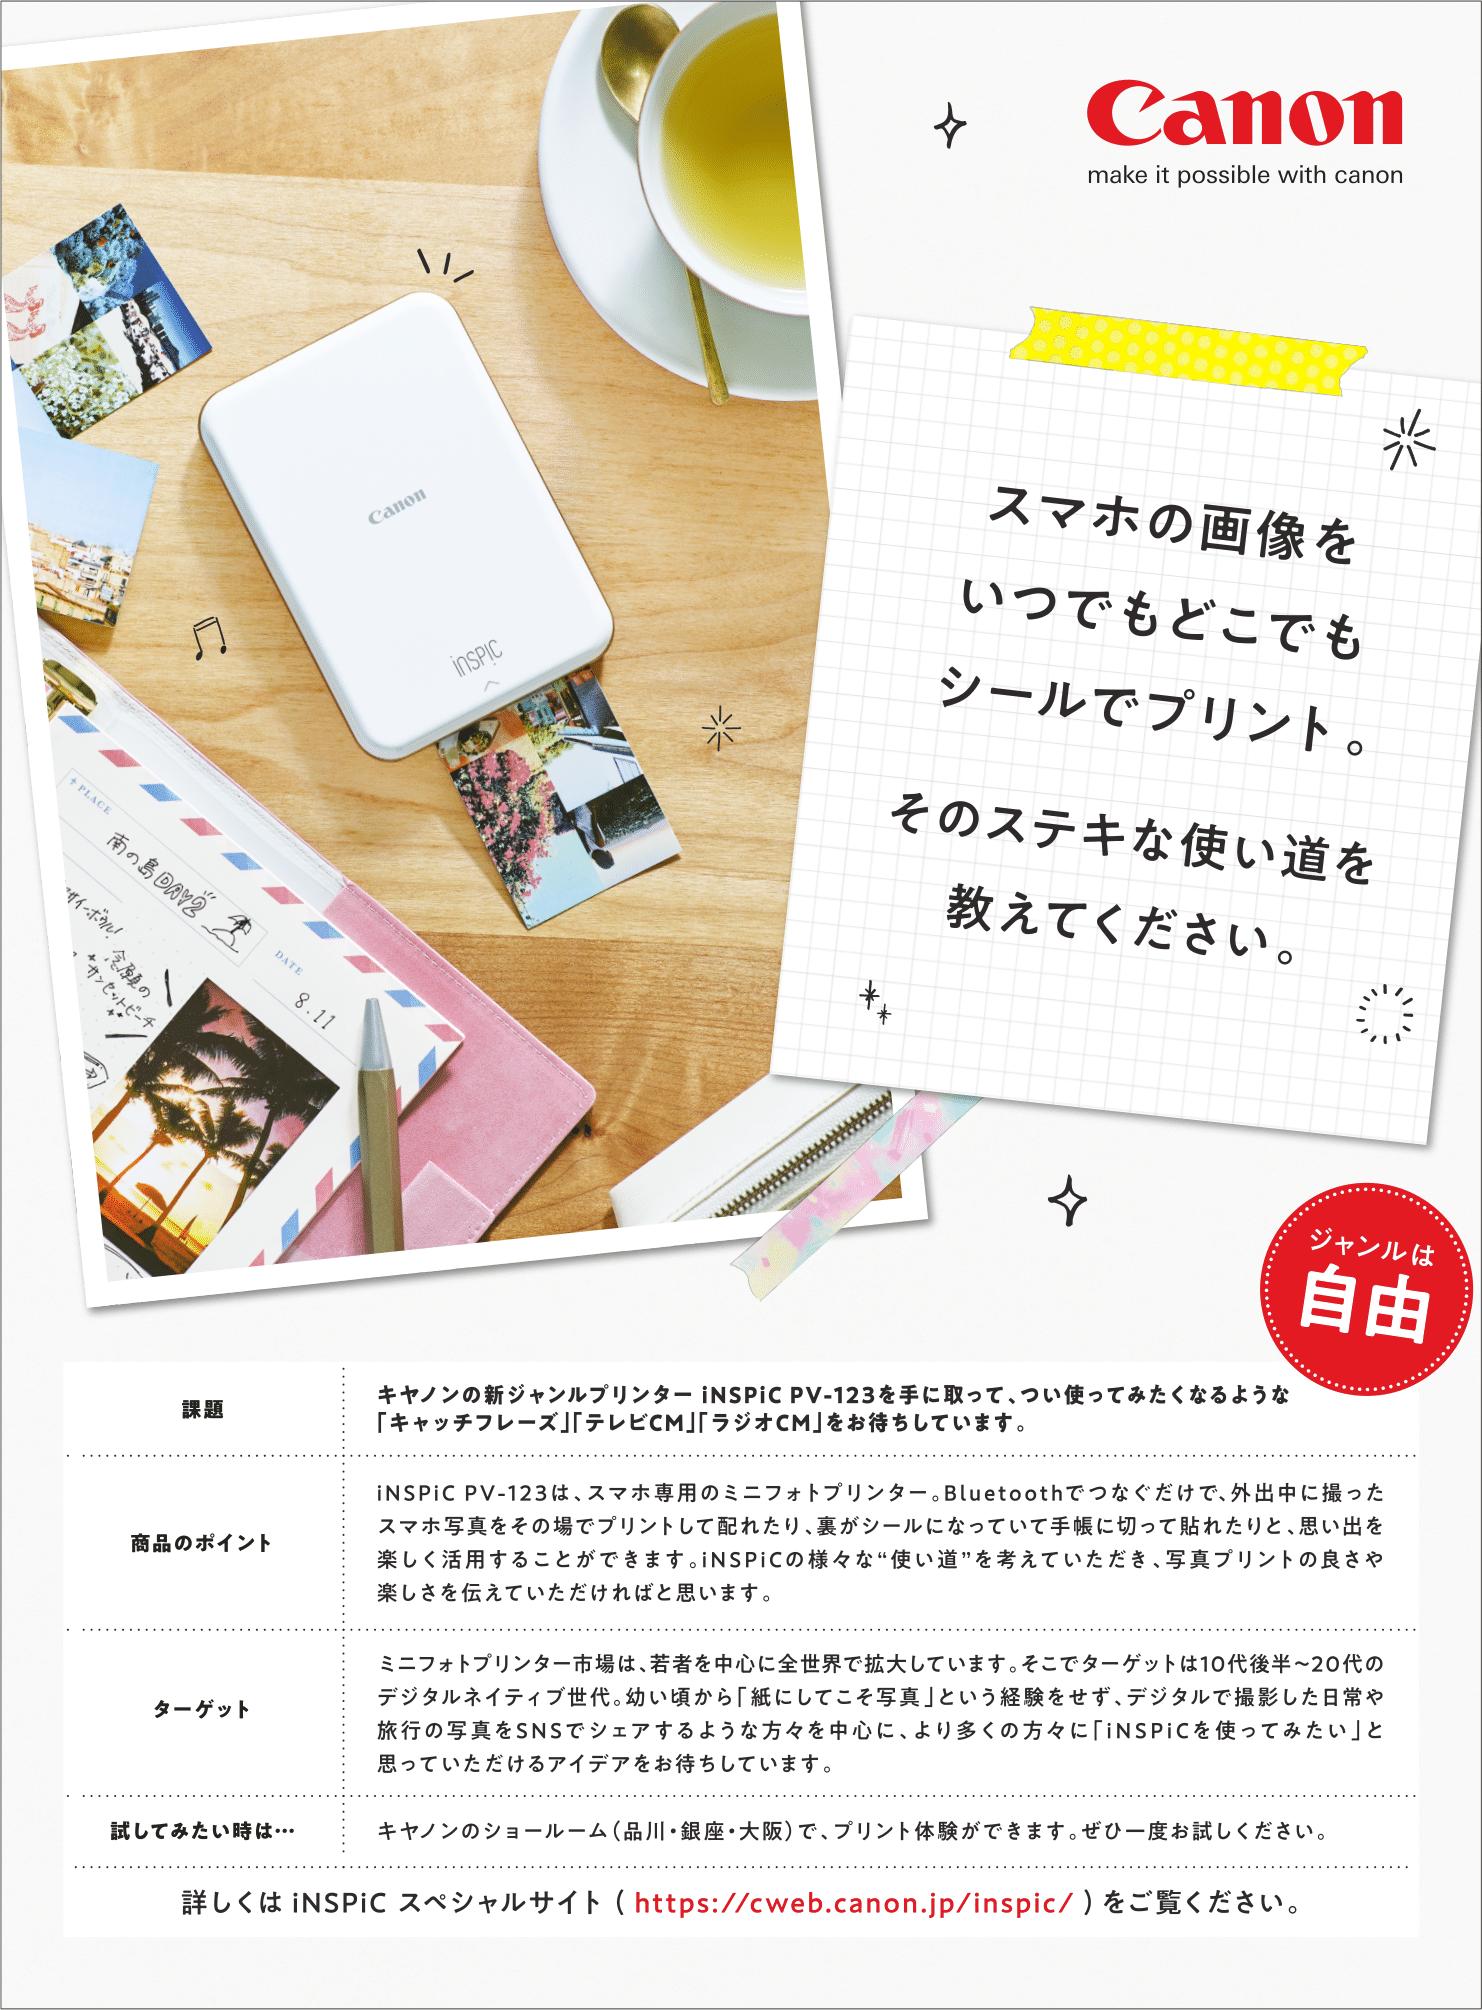 06.キヤノンマーケティングジャパン